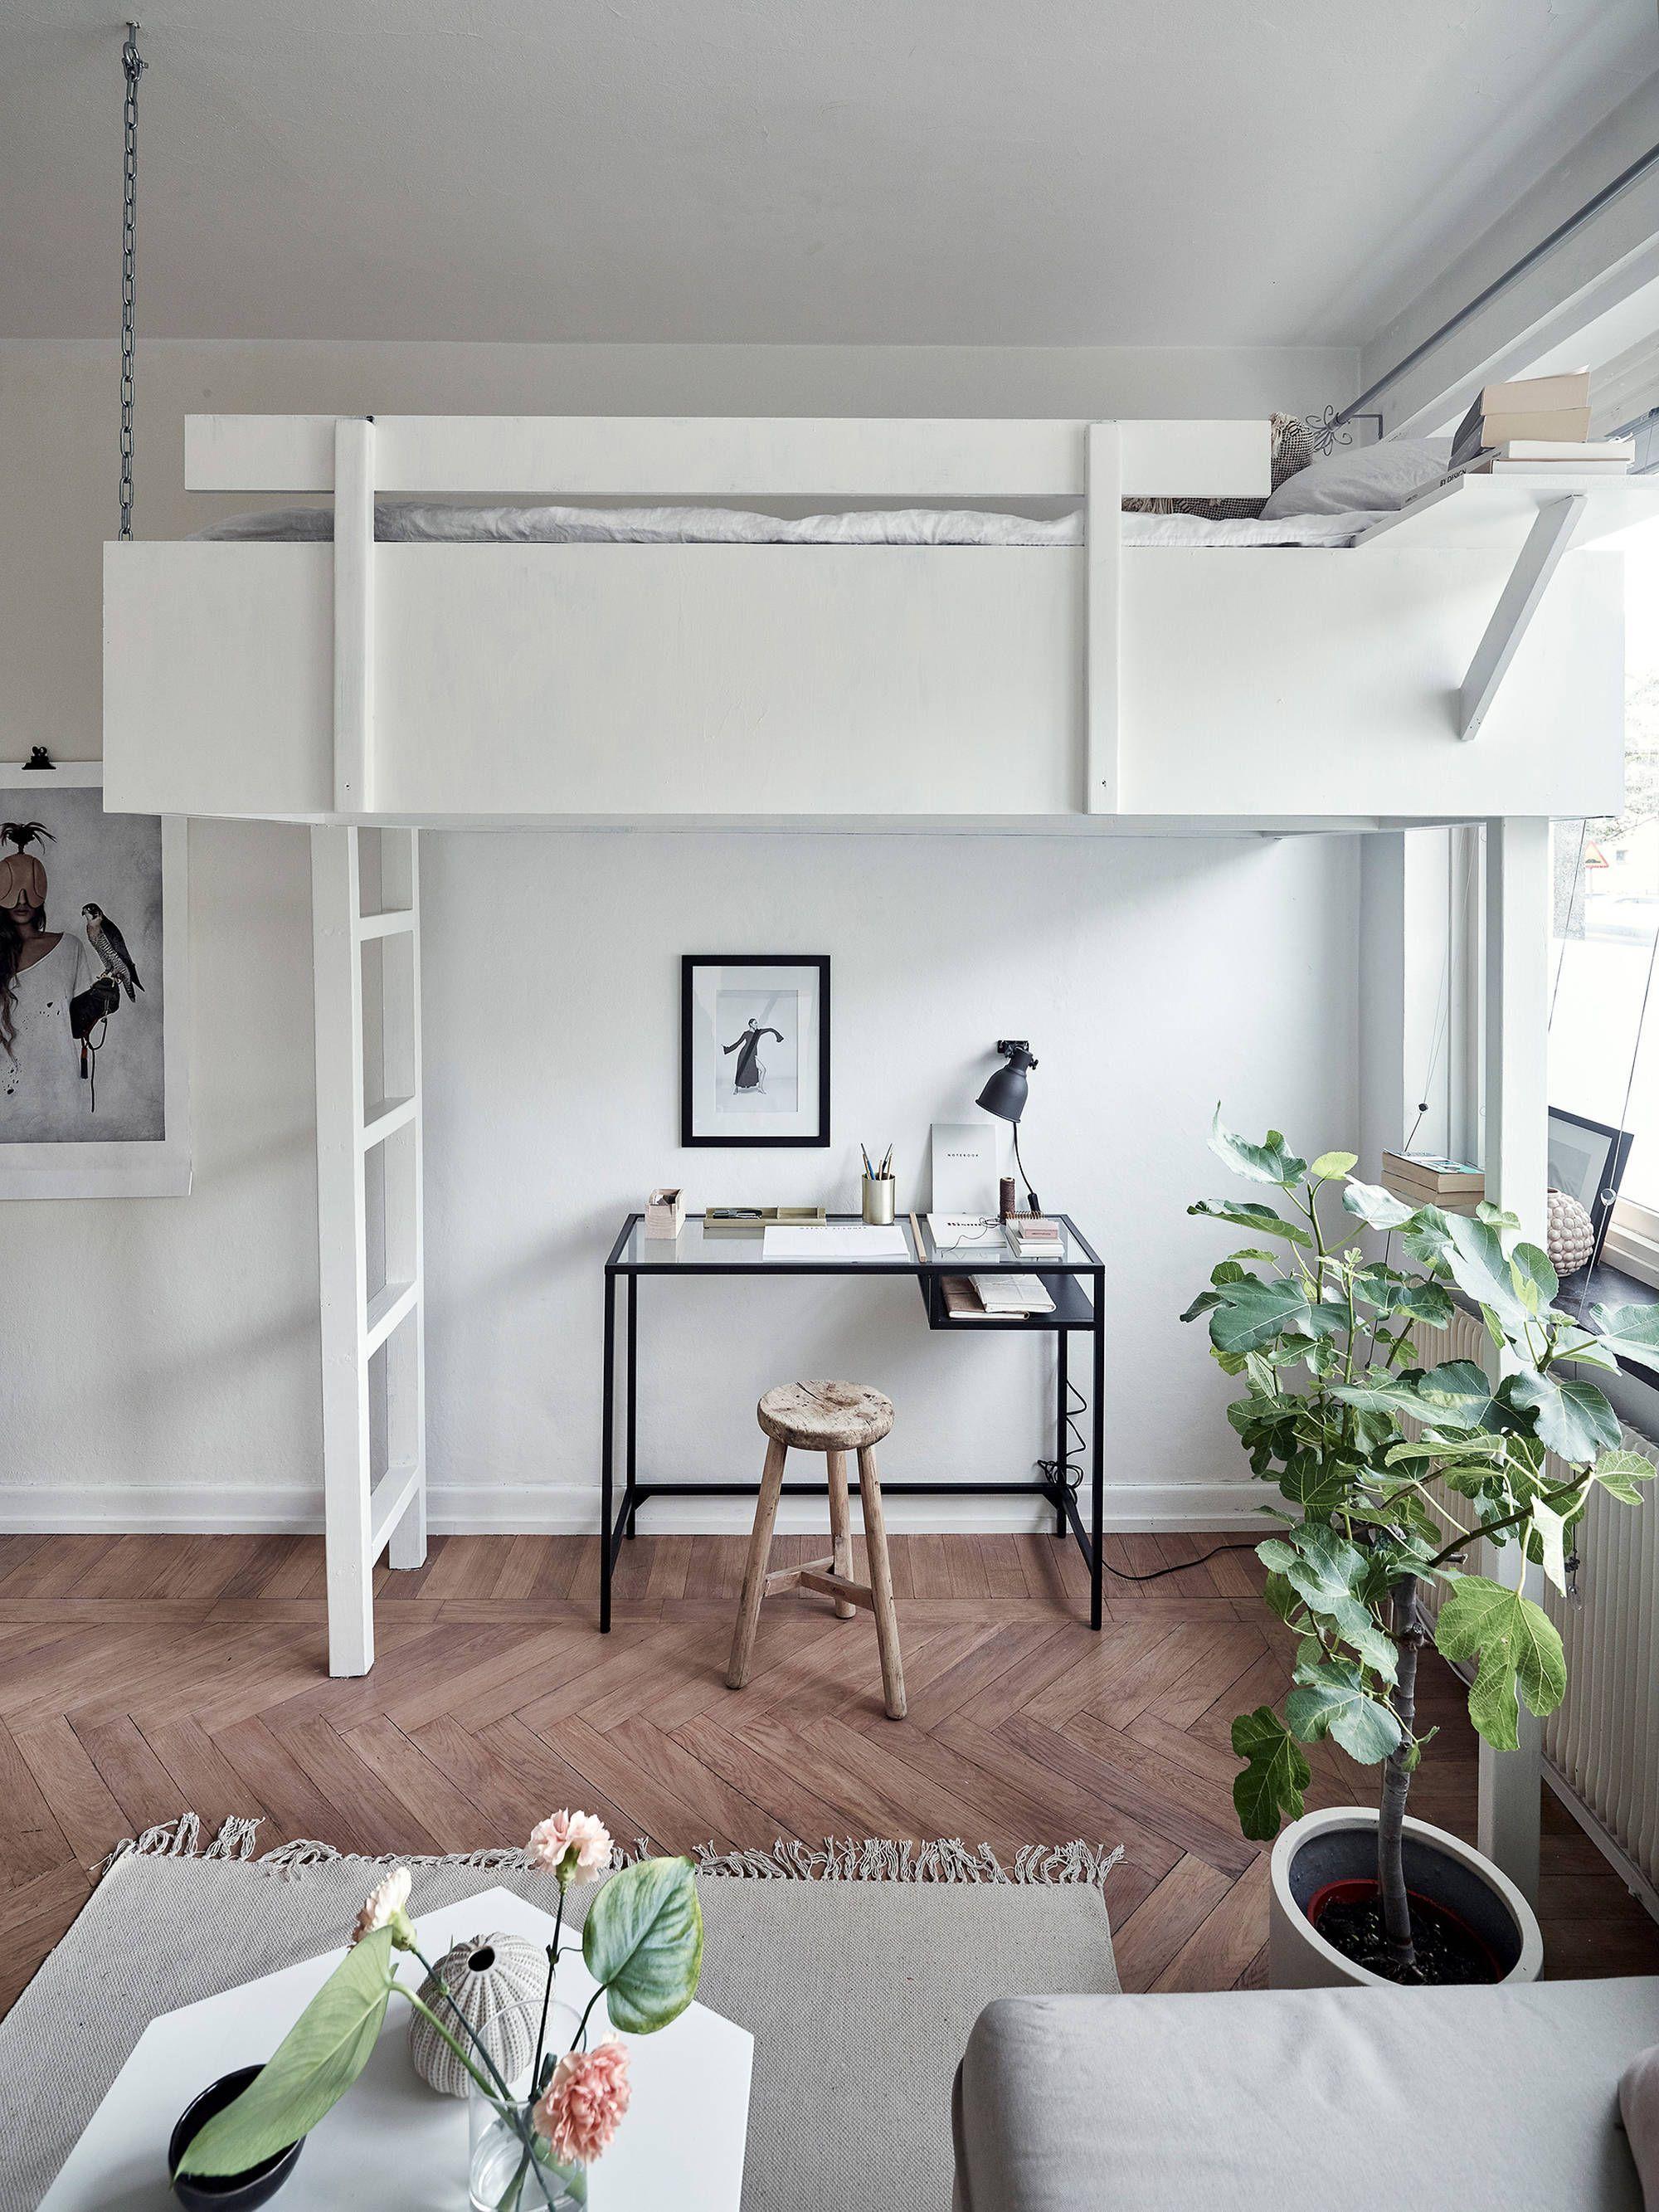 Pin Van Chiedi Op Mobel In 2020 Studentenkamer Kleine Slaapkamer Inrichting Kleine Kamers Inrichten